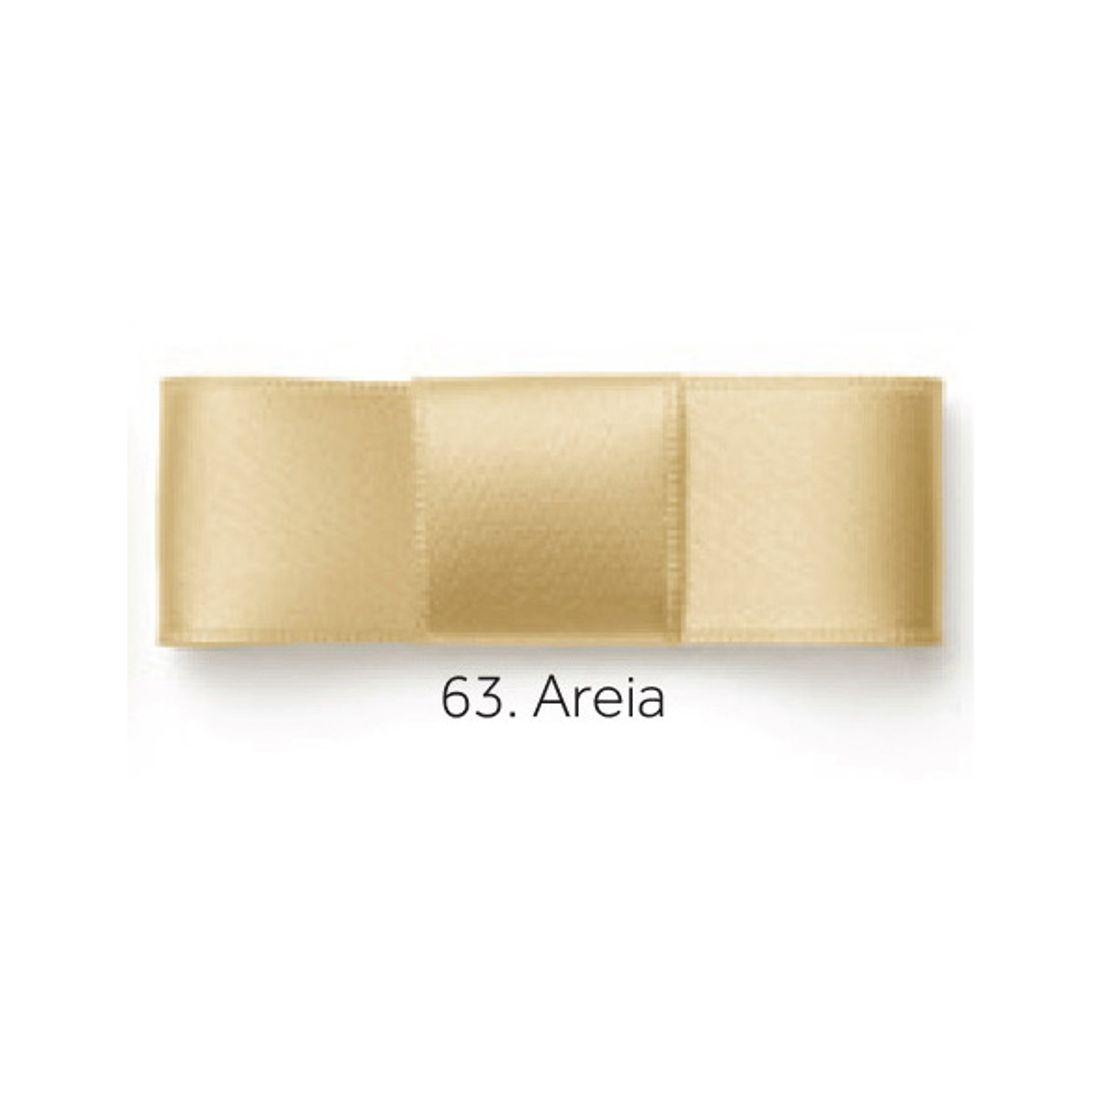 63_Areia-0000